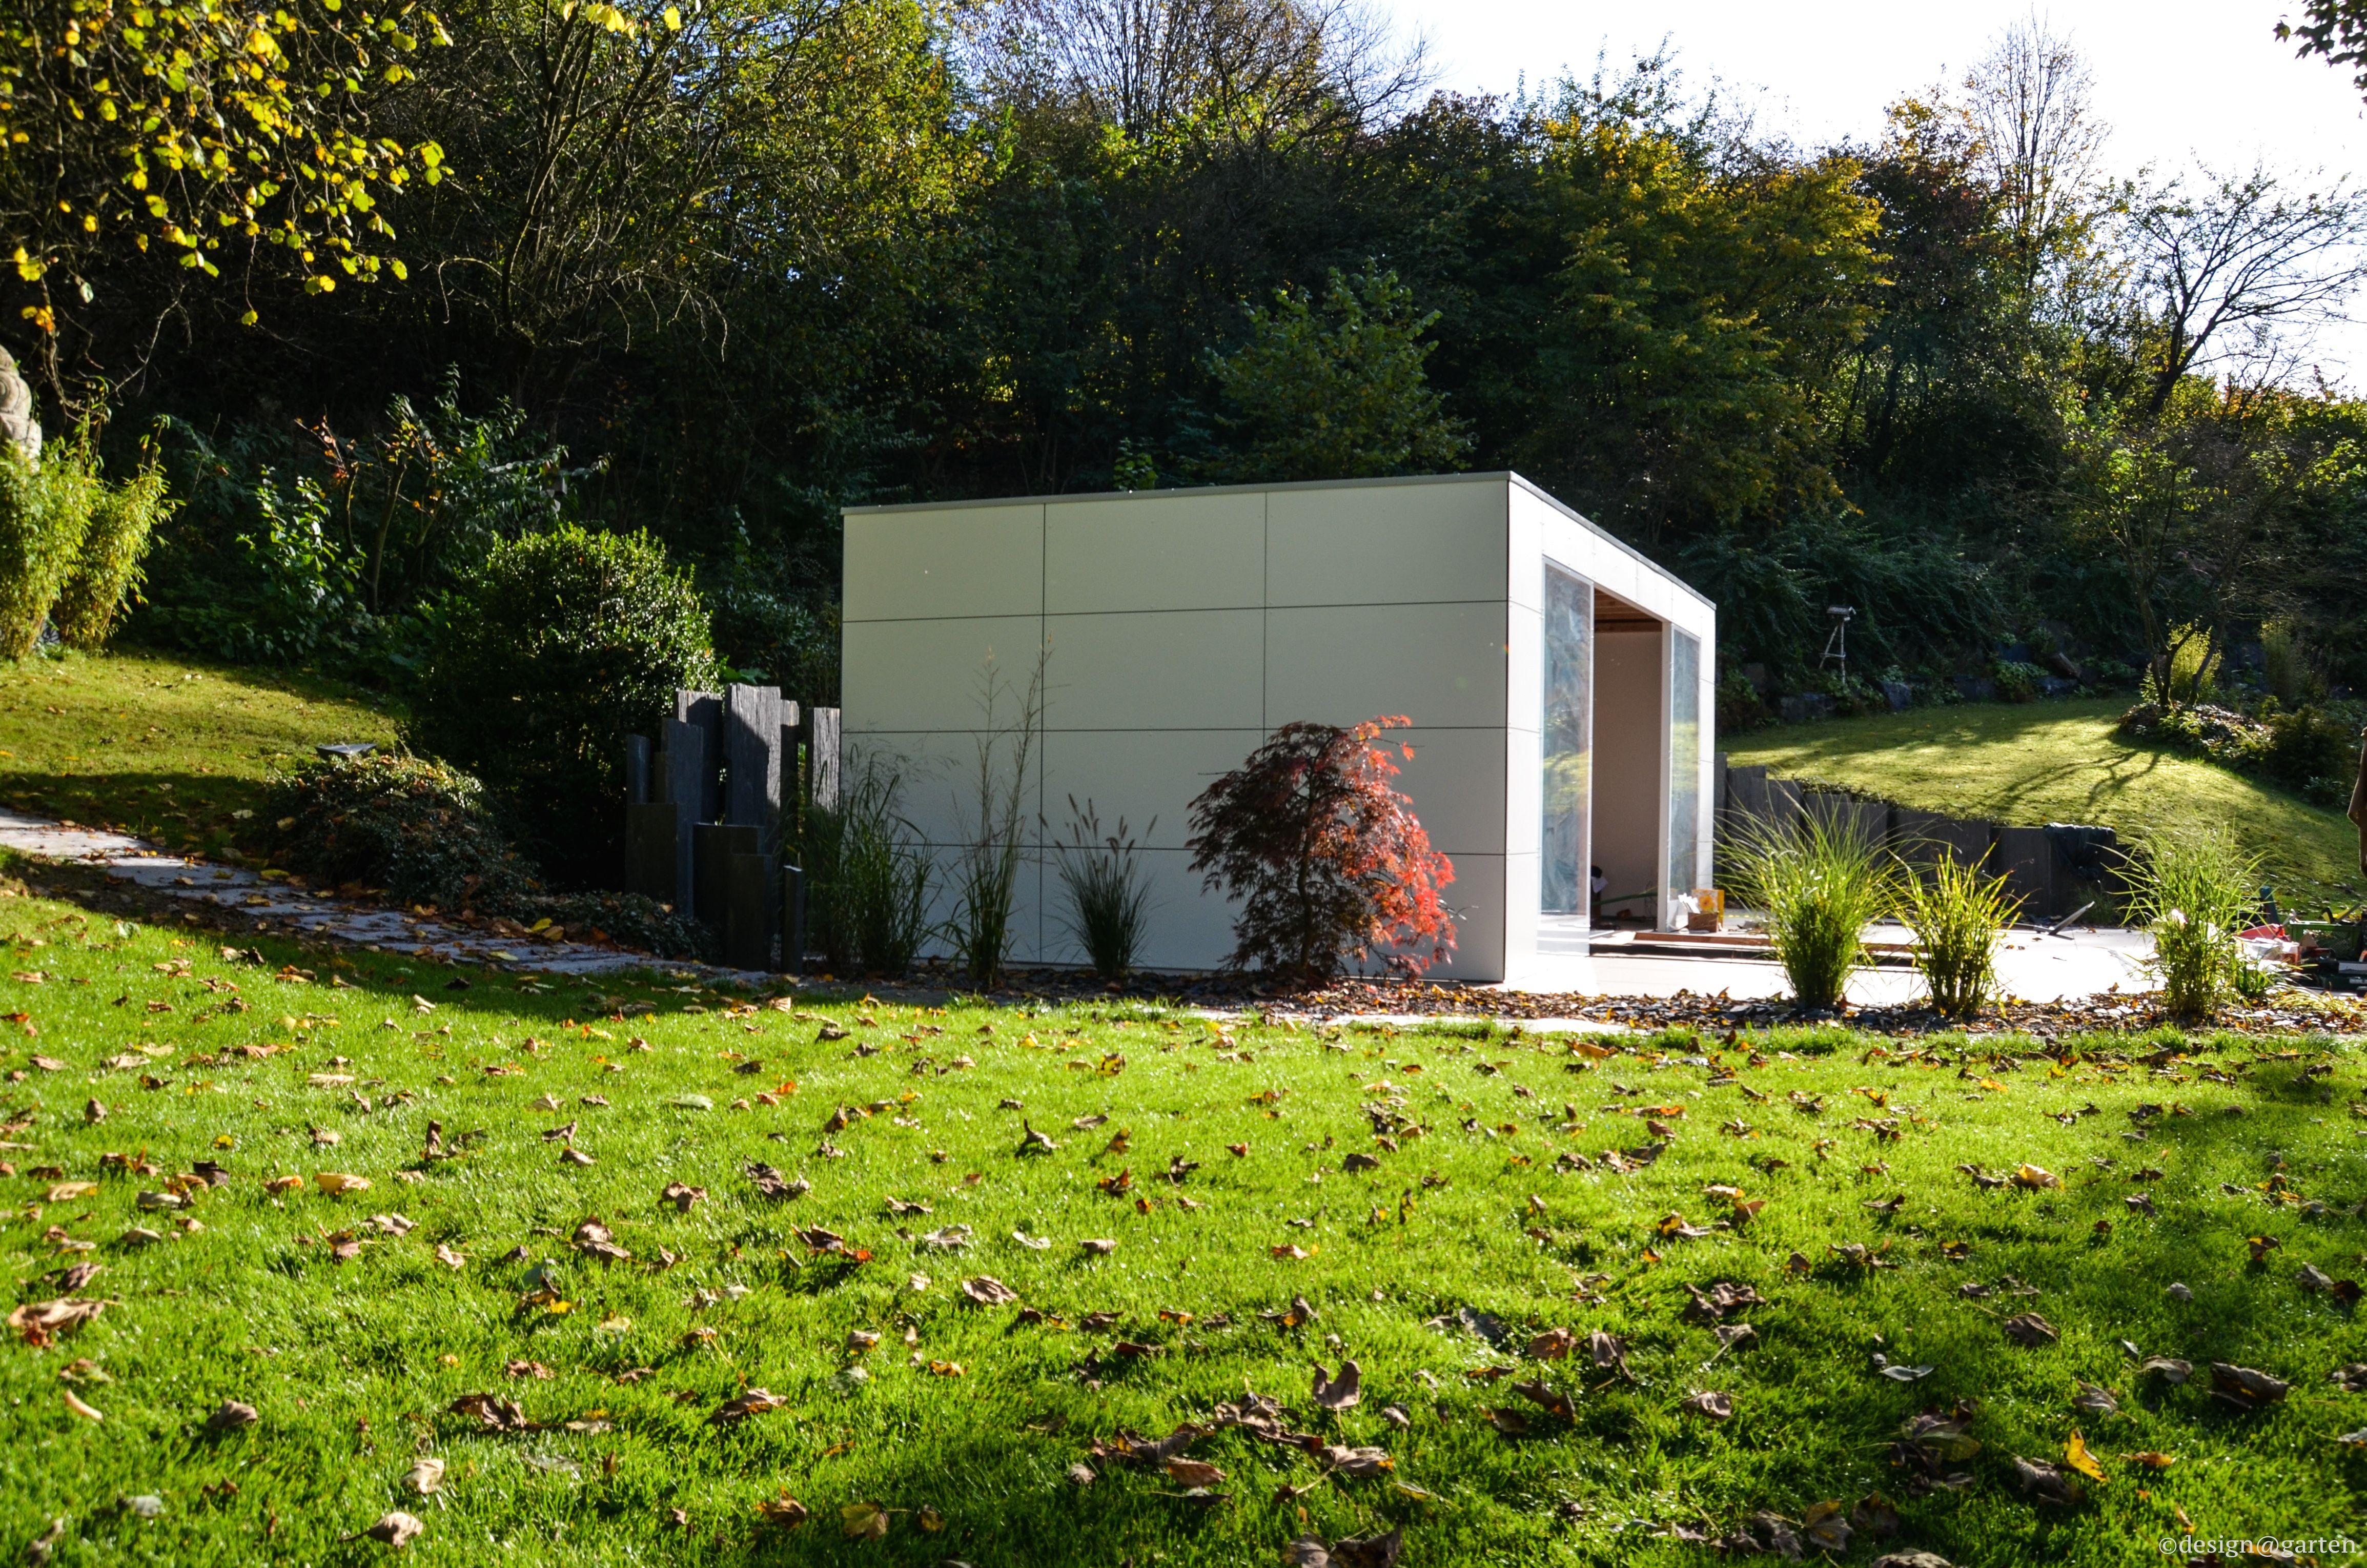 Gartenhaus Mit Outdoor Küche : Outdoor küche gartenhaus gartenhaus selber bauen holz anleitung